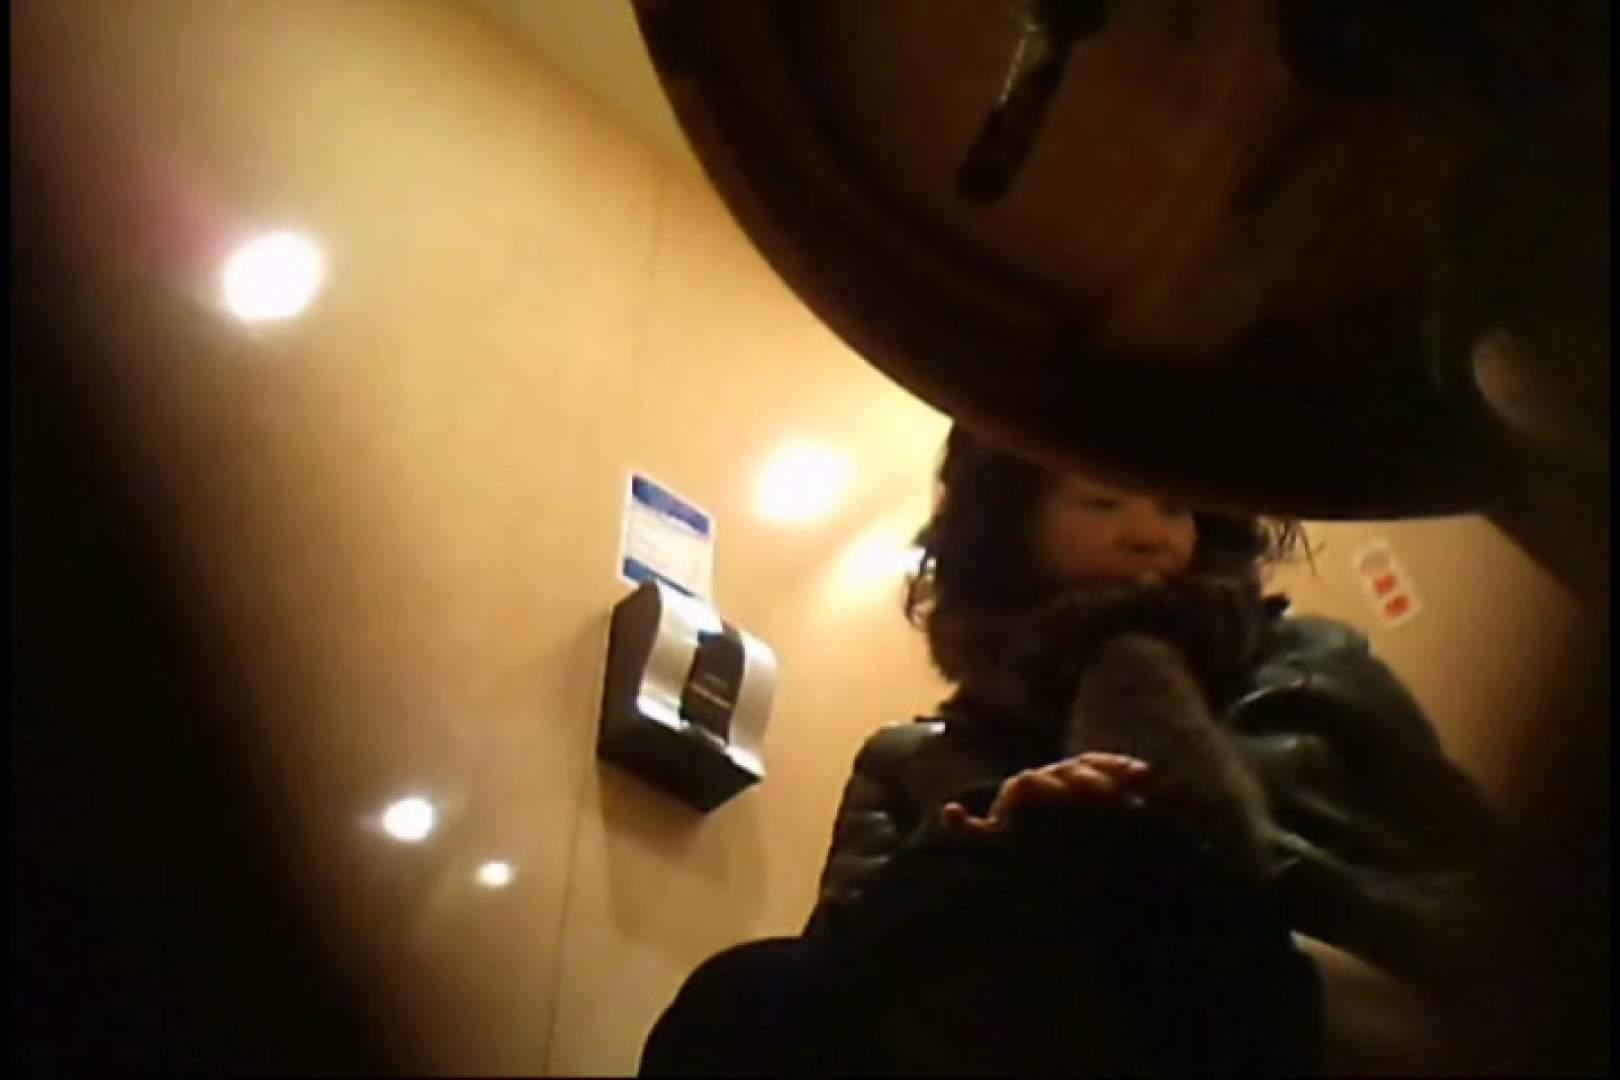 画質向上!新亀さん厠 vol.09 オマンコ特別編 おめこ無修正動画無料 67枚 57